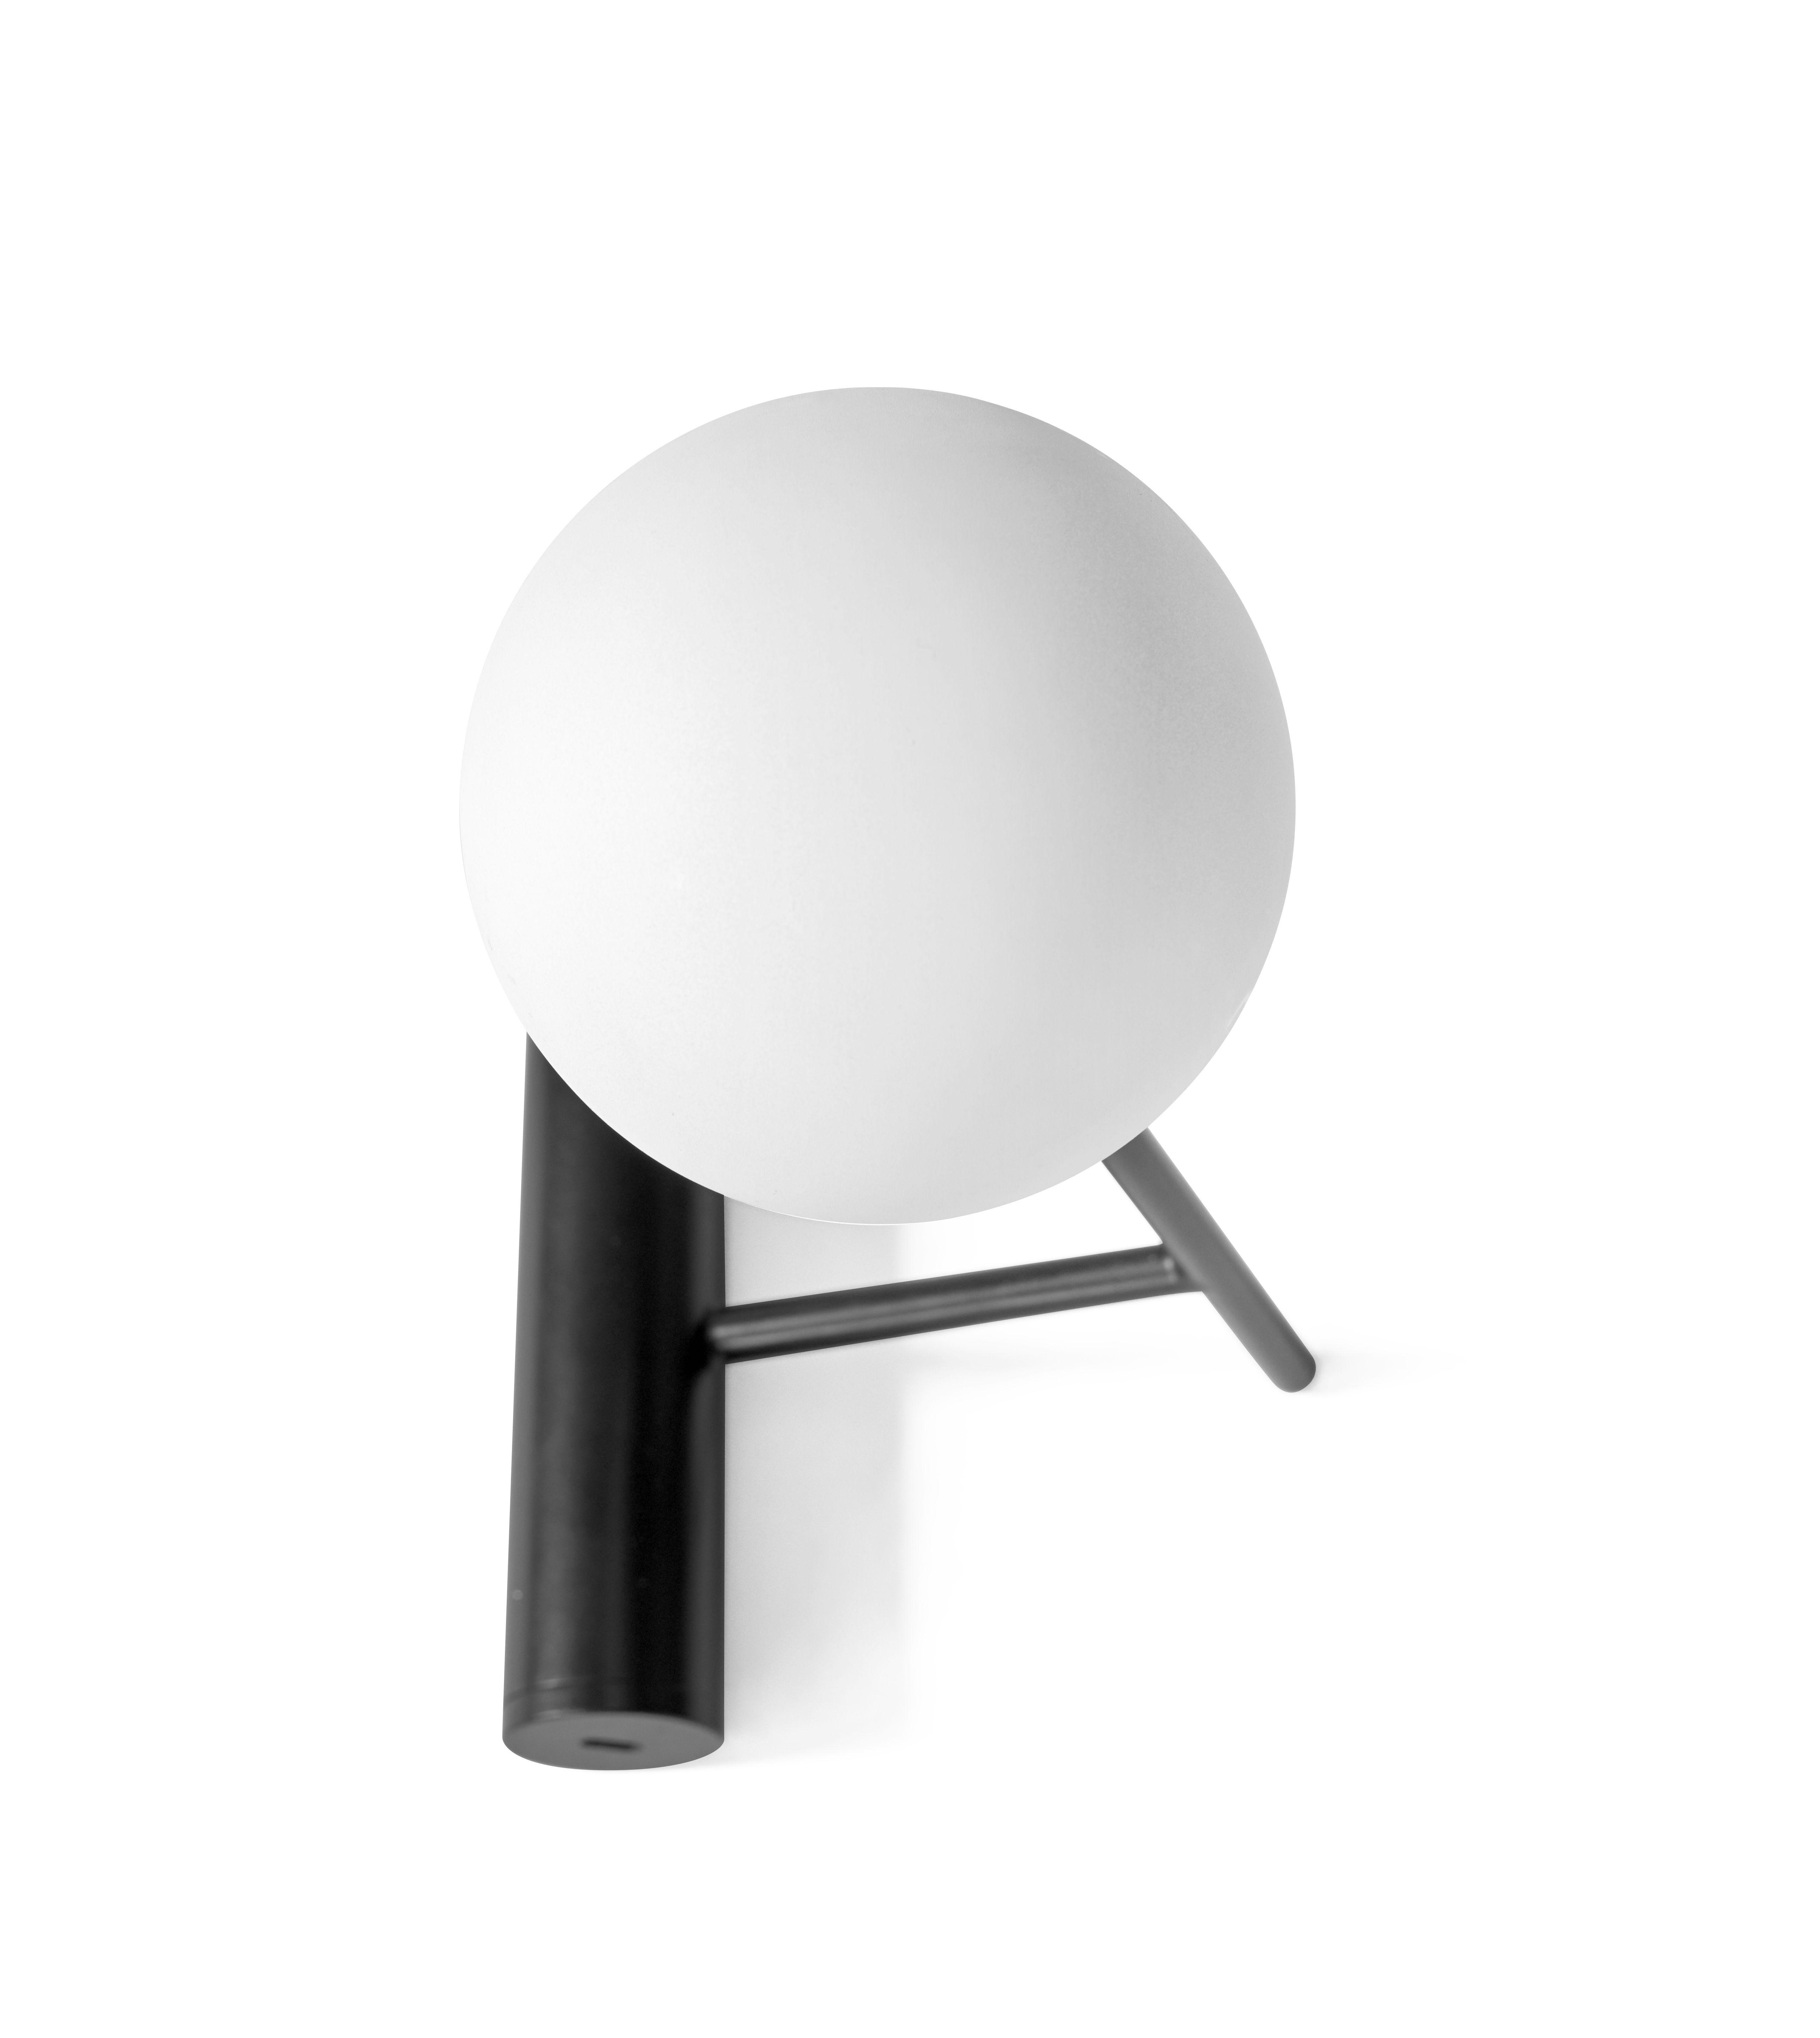 lampe ohne kabel phare led von menu schwarz made in design. Black Bedroom Furniture Sets. Home Design Ideas